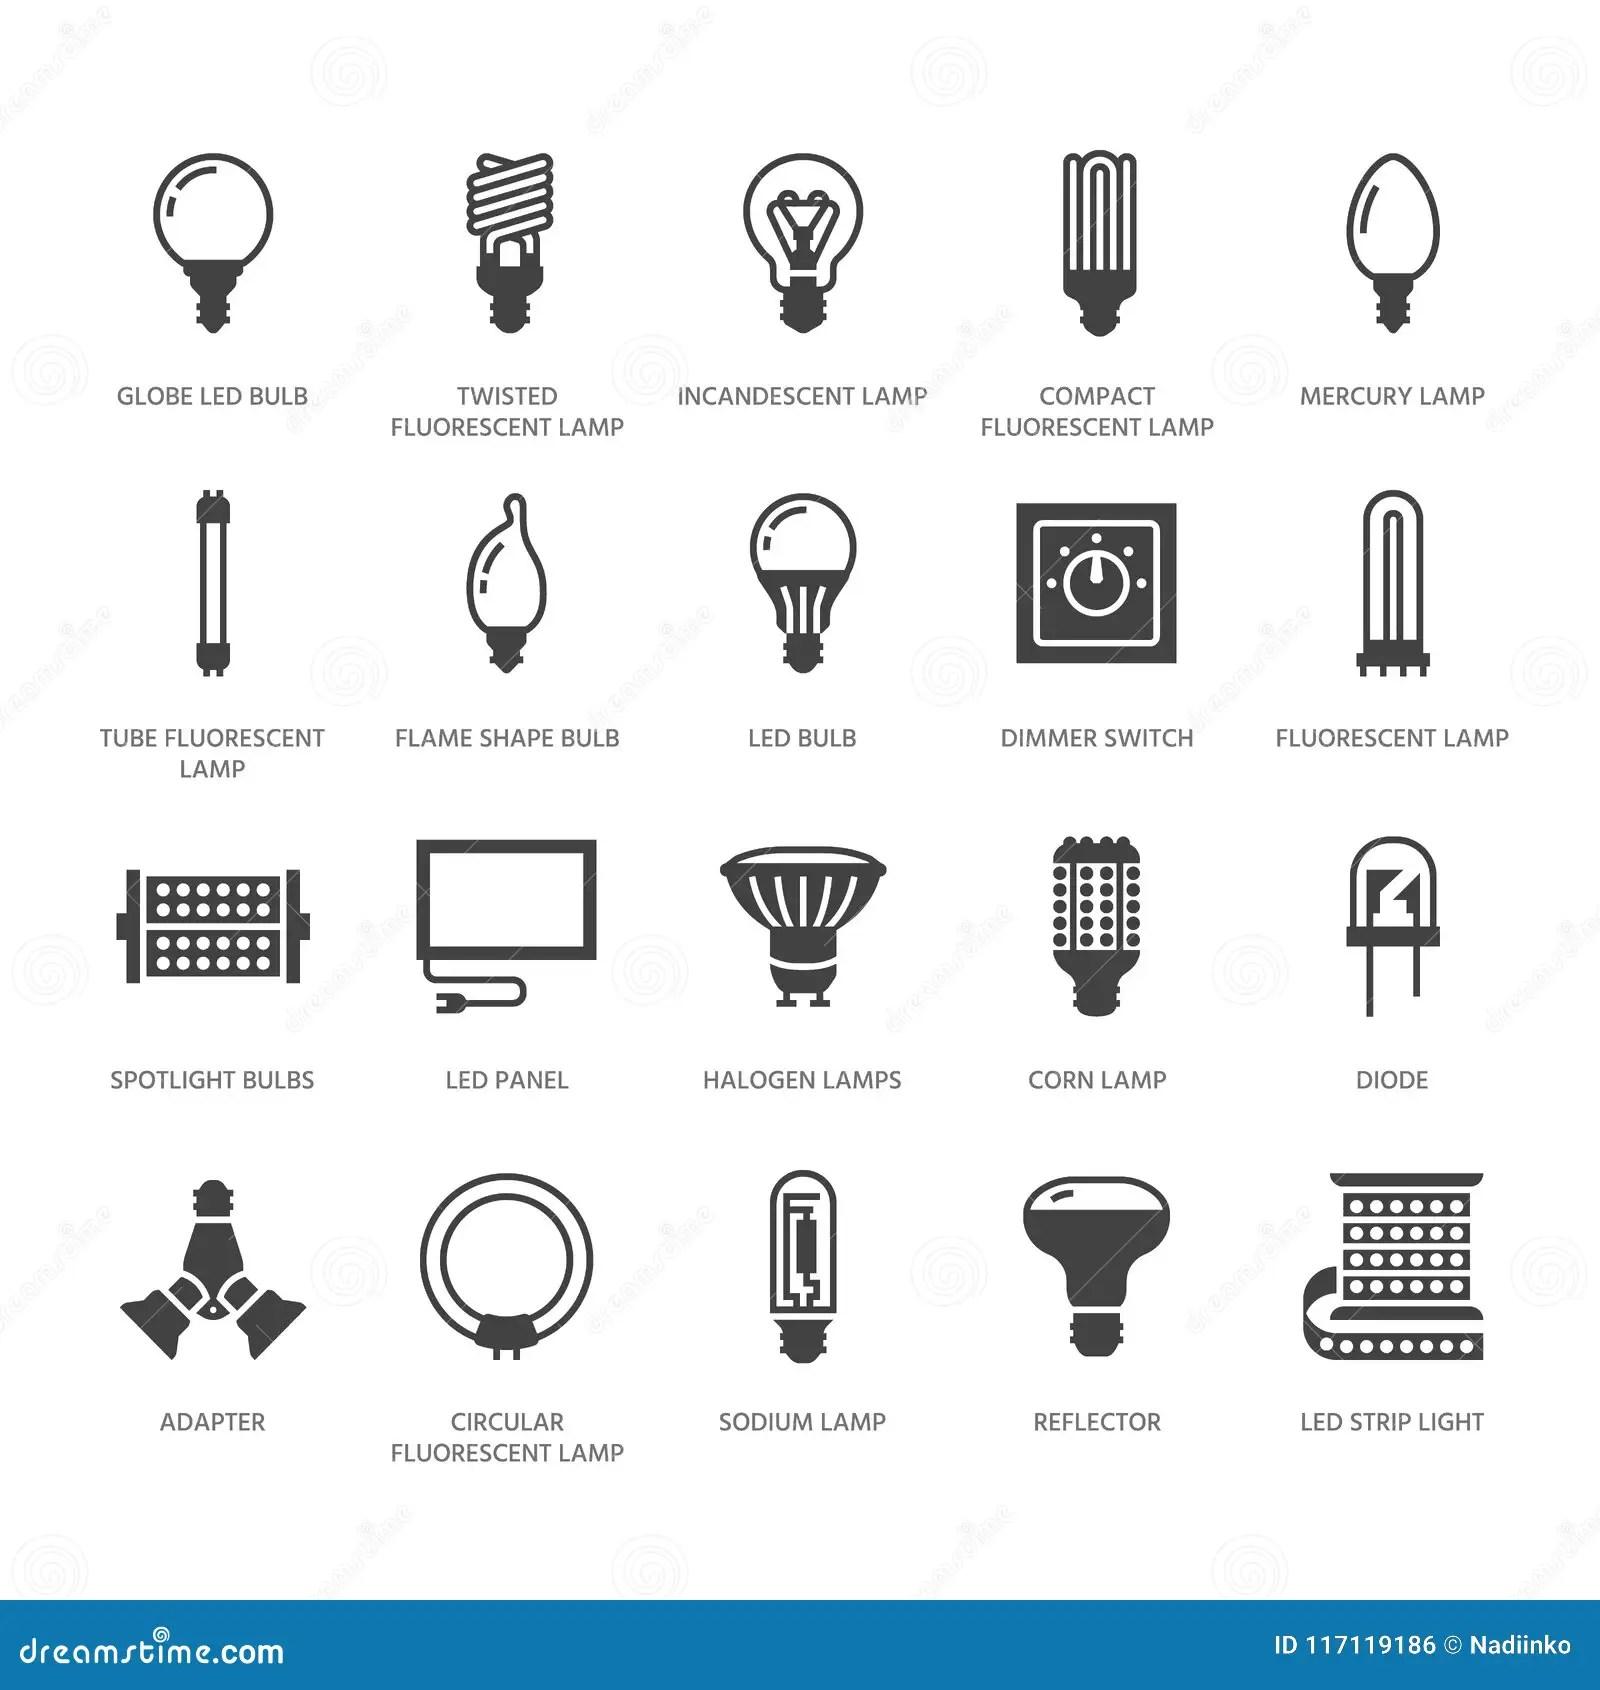 Iconos Planos Del Glyph De Lasillas Tipos De Las Lamparas Fluorescente Llevados El